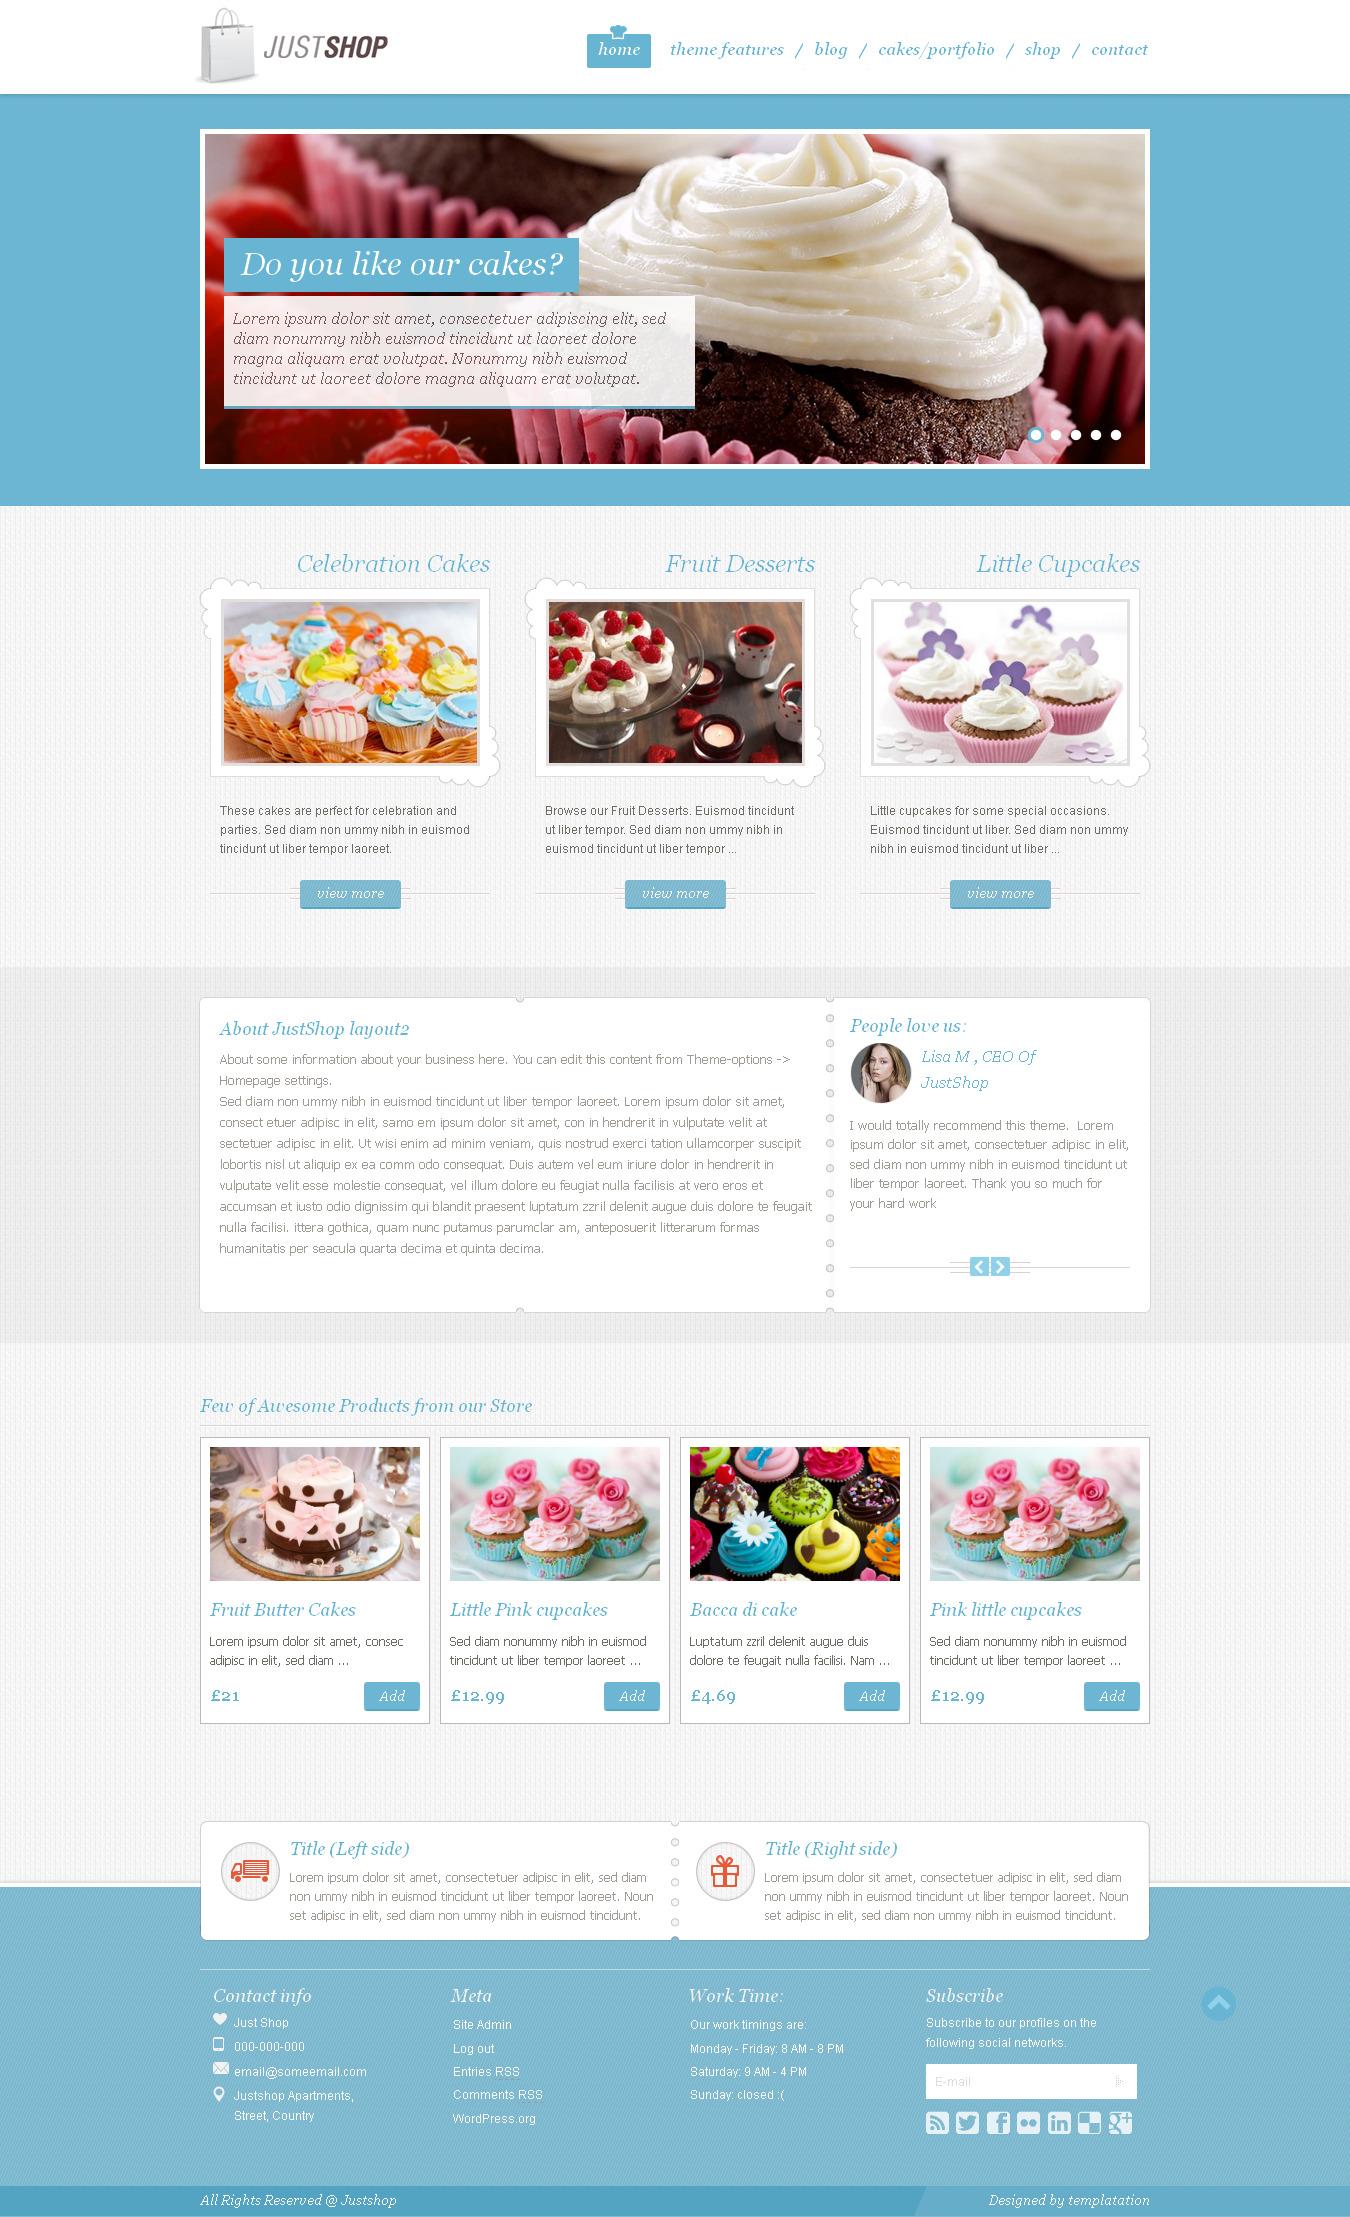 Justshop - Cake Bakery WordPress Theme